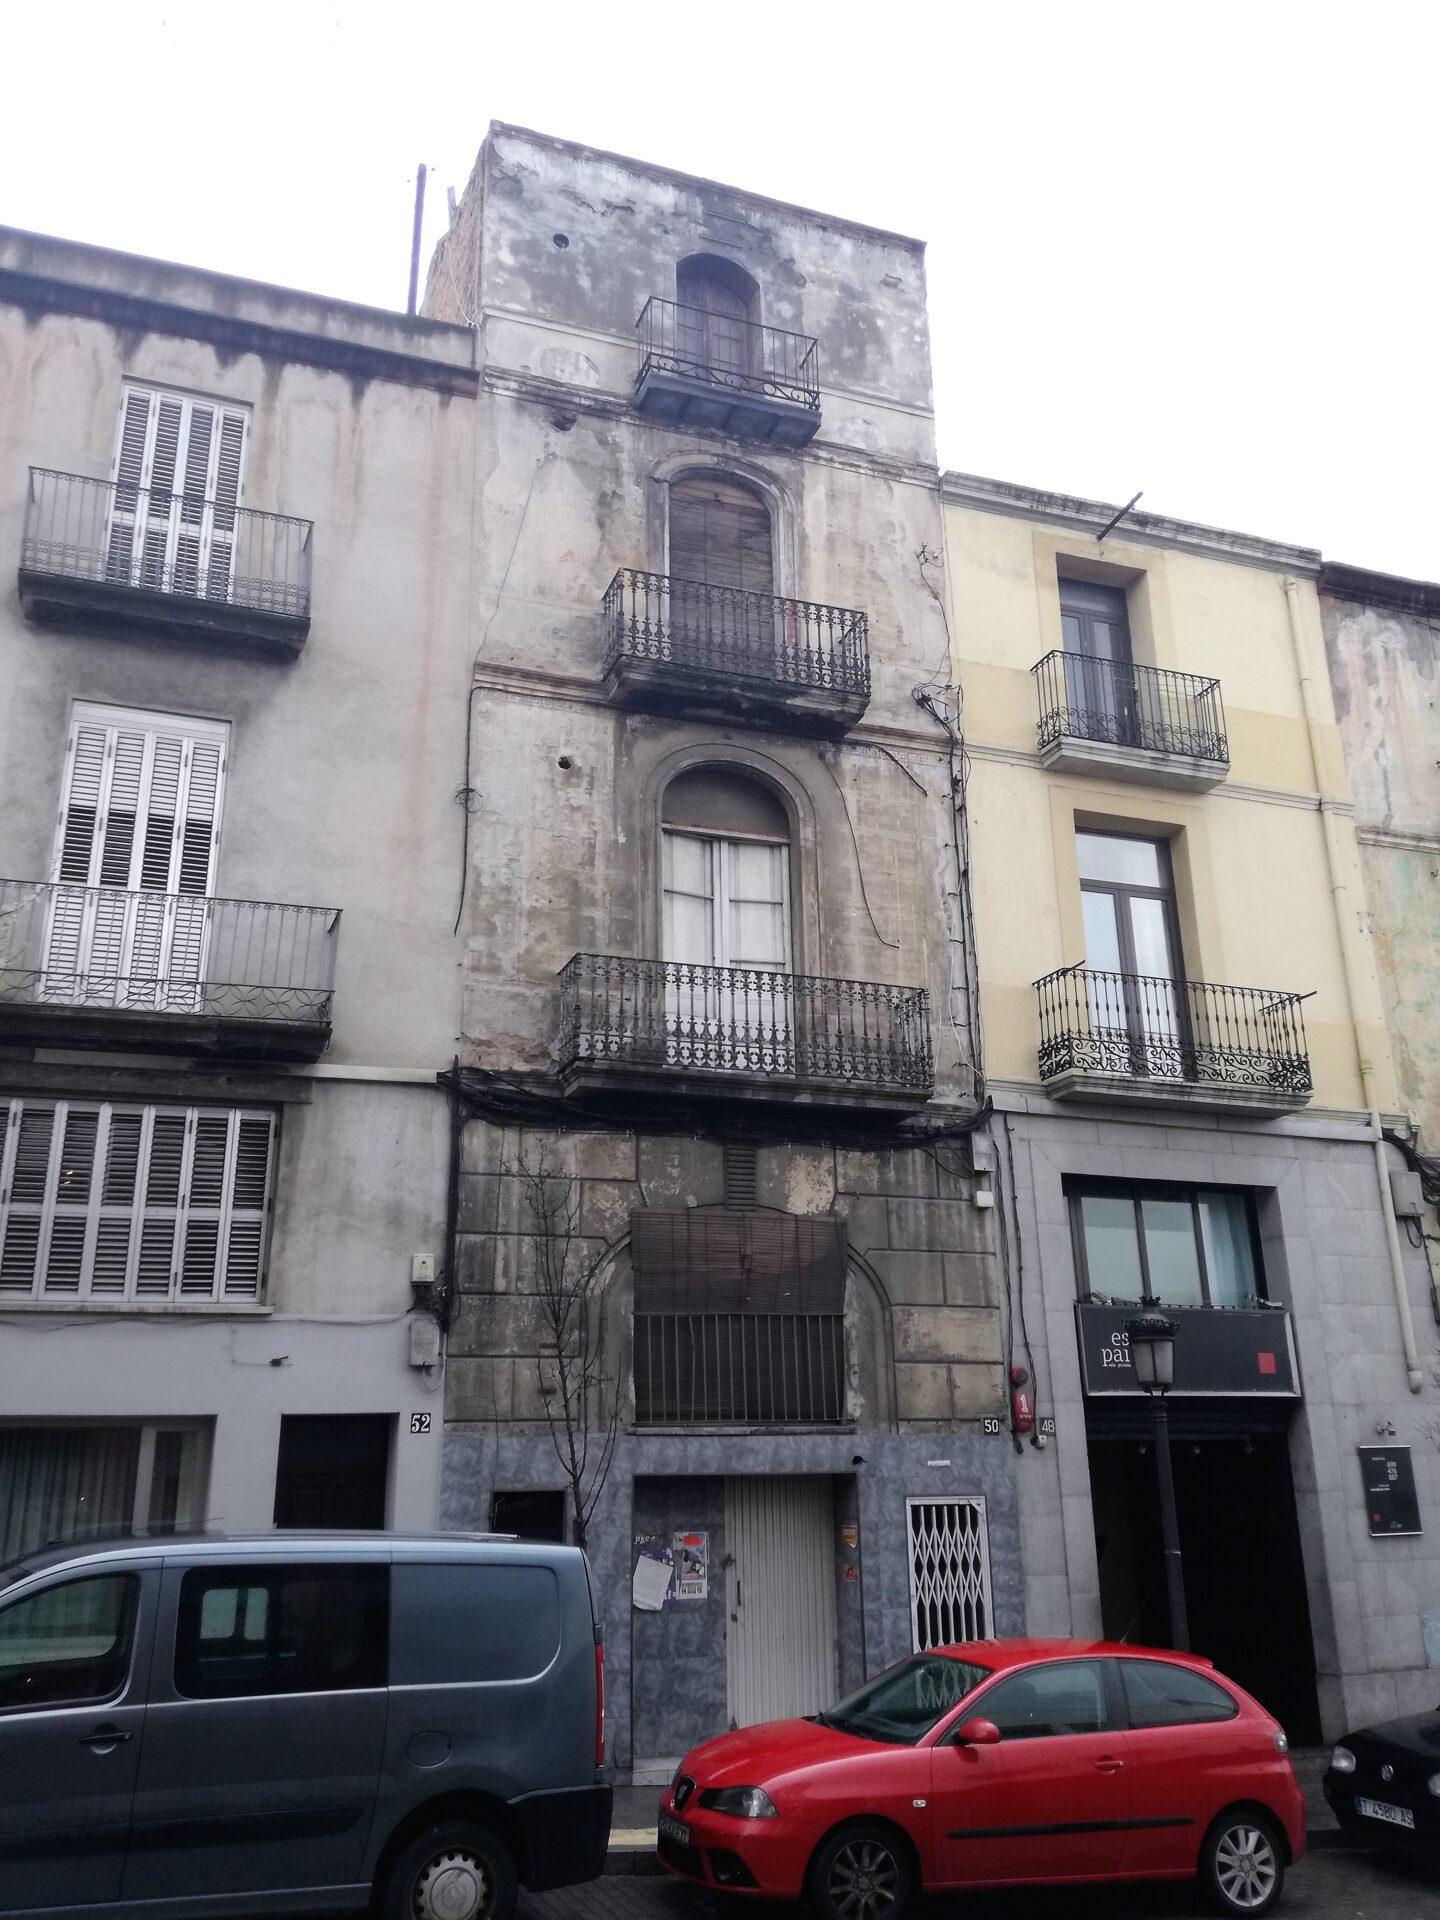 Edificio de uso mixto en venta en mur s/n, Martorell